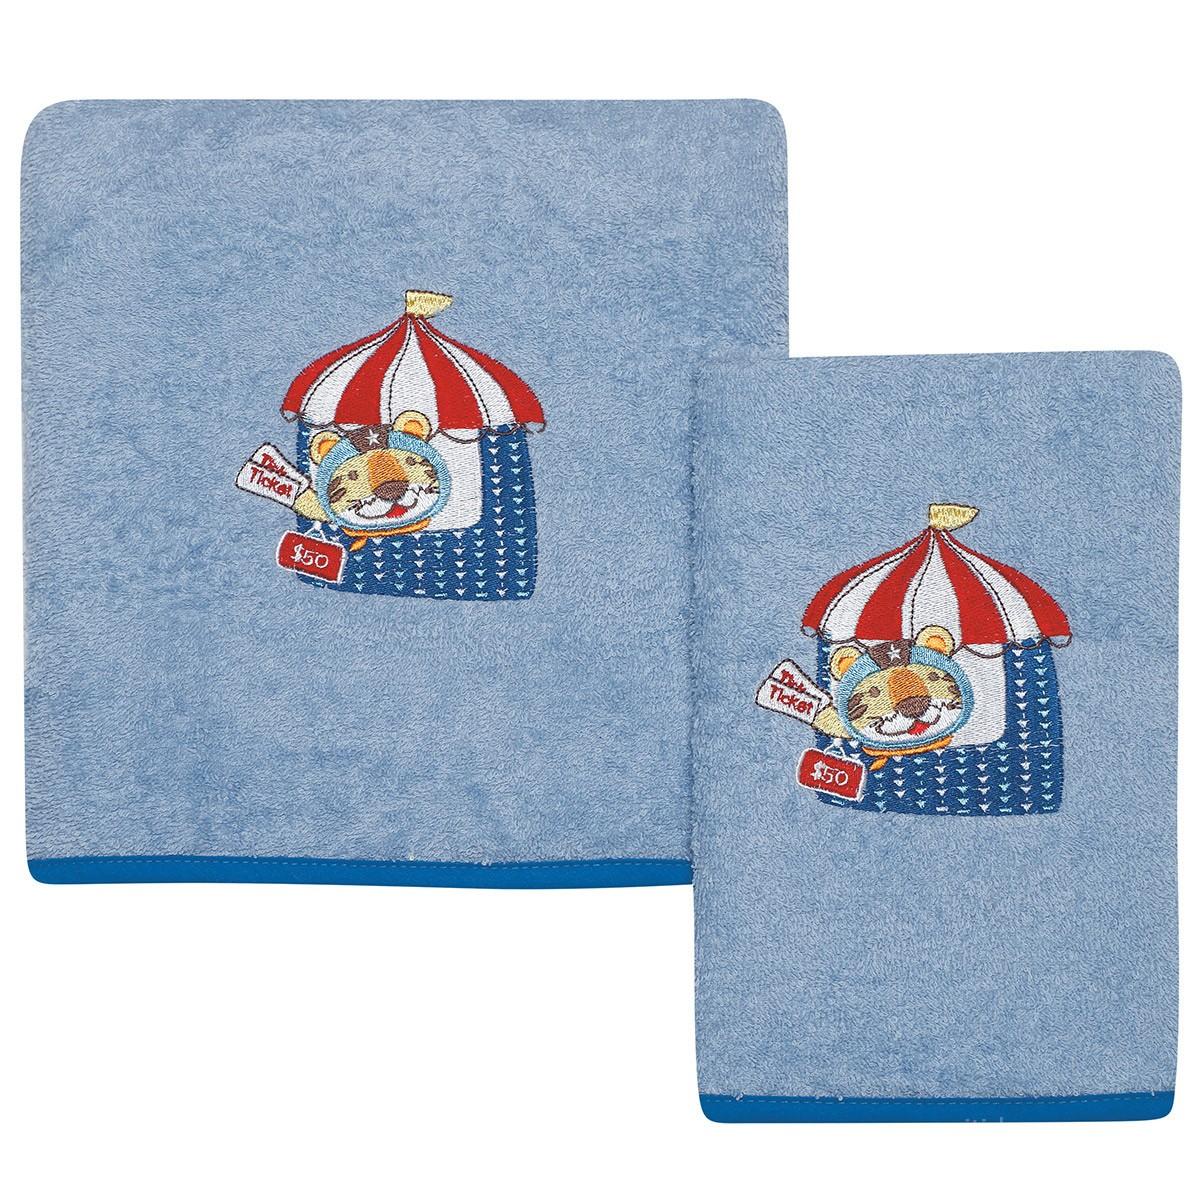 Βρεφικές Πετσέτες (Σετ 2τμχ) Das Home Smile 6456 89974